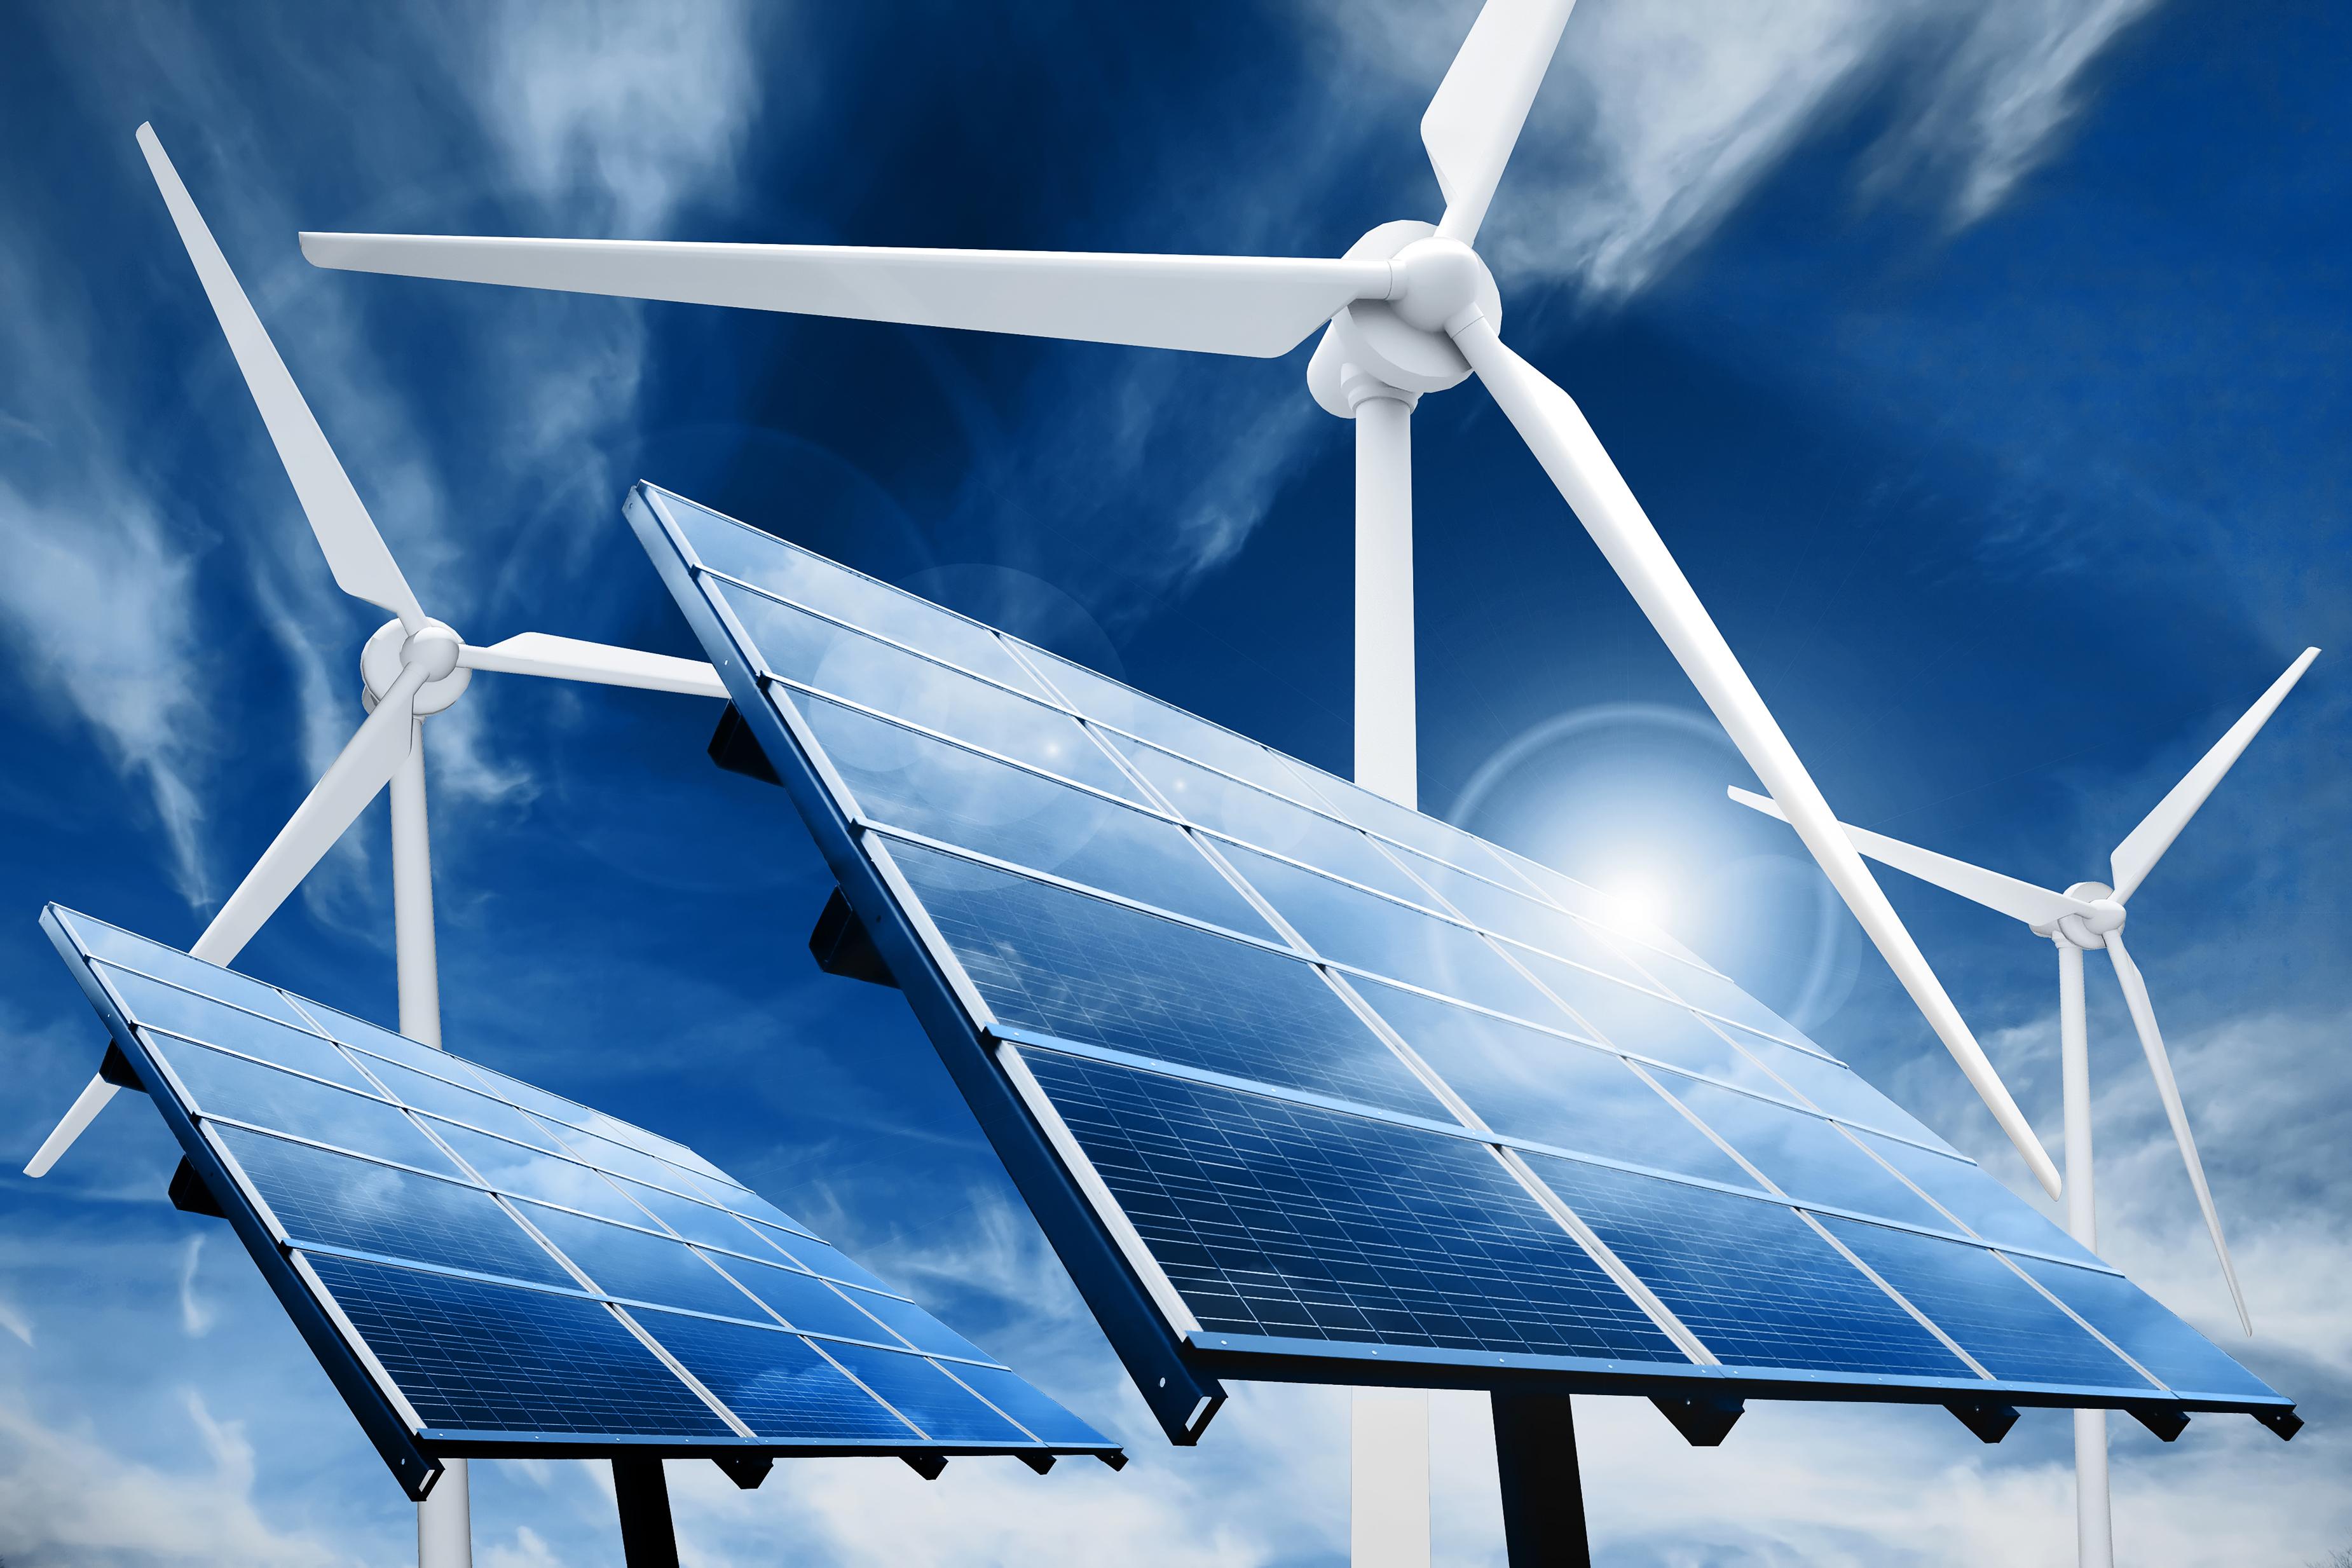 Швейцария хочет полностью перейти на экологически чистые источники энергии.Вокруг Света. Украина